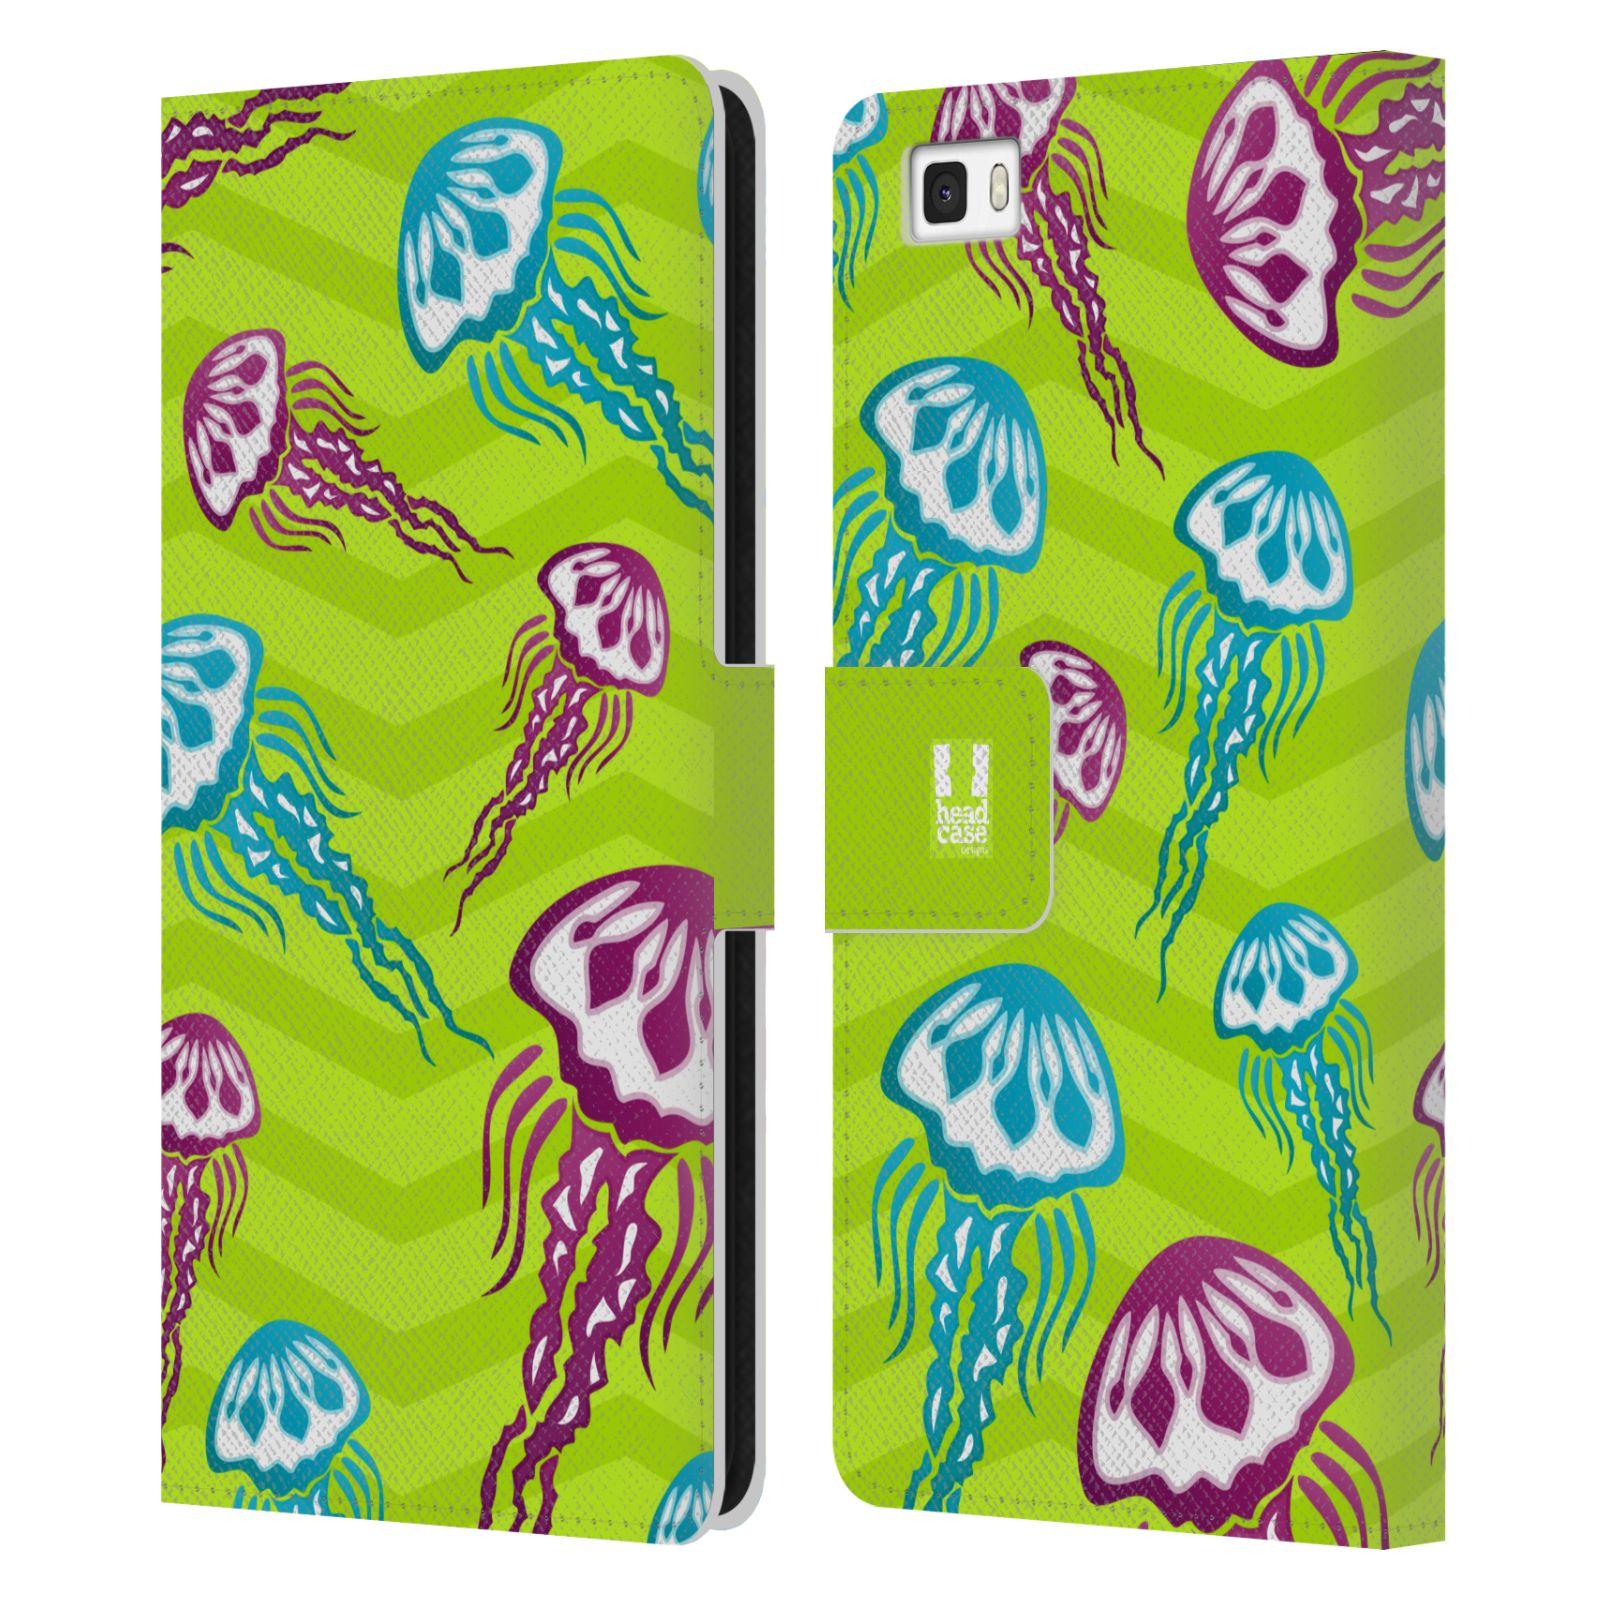 HEAD CASE Flipové pouzdro pro mobil Huawei P8 LITE Mořský živočich medůza zelená barva